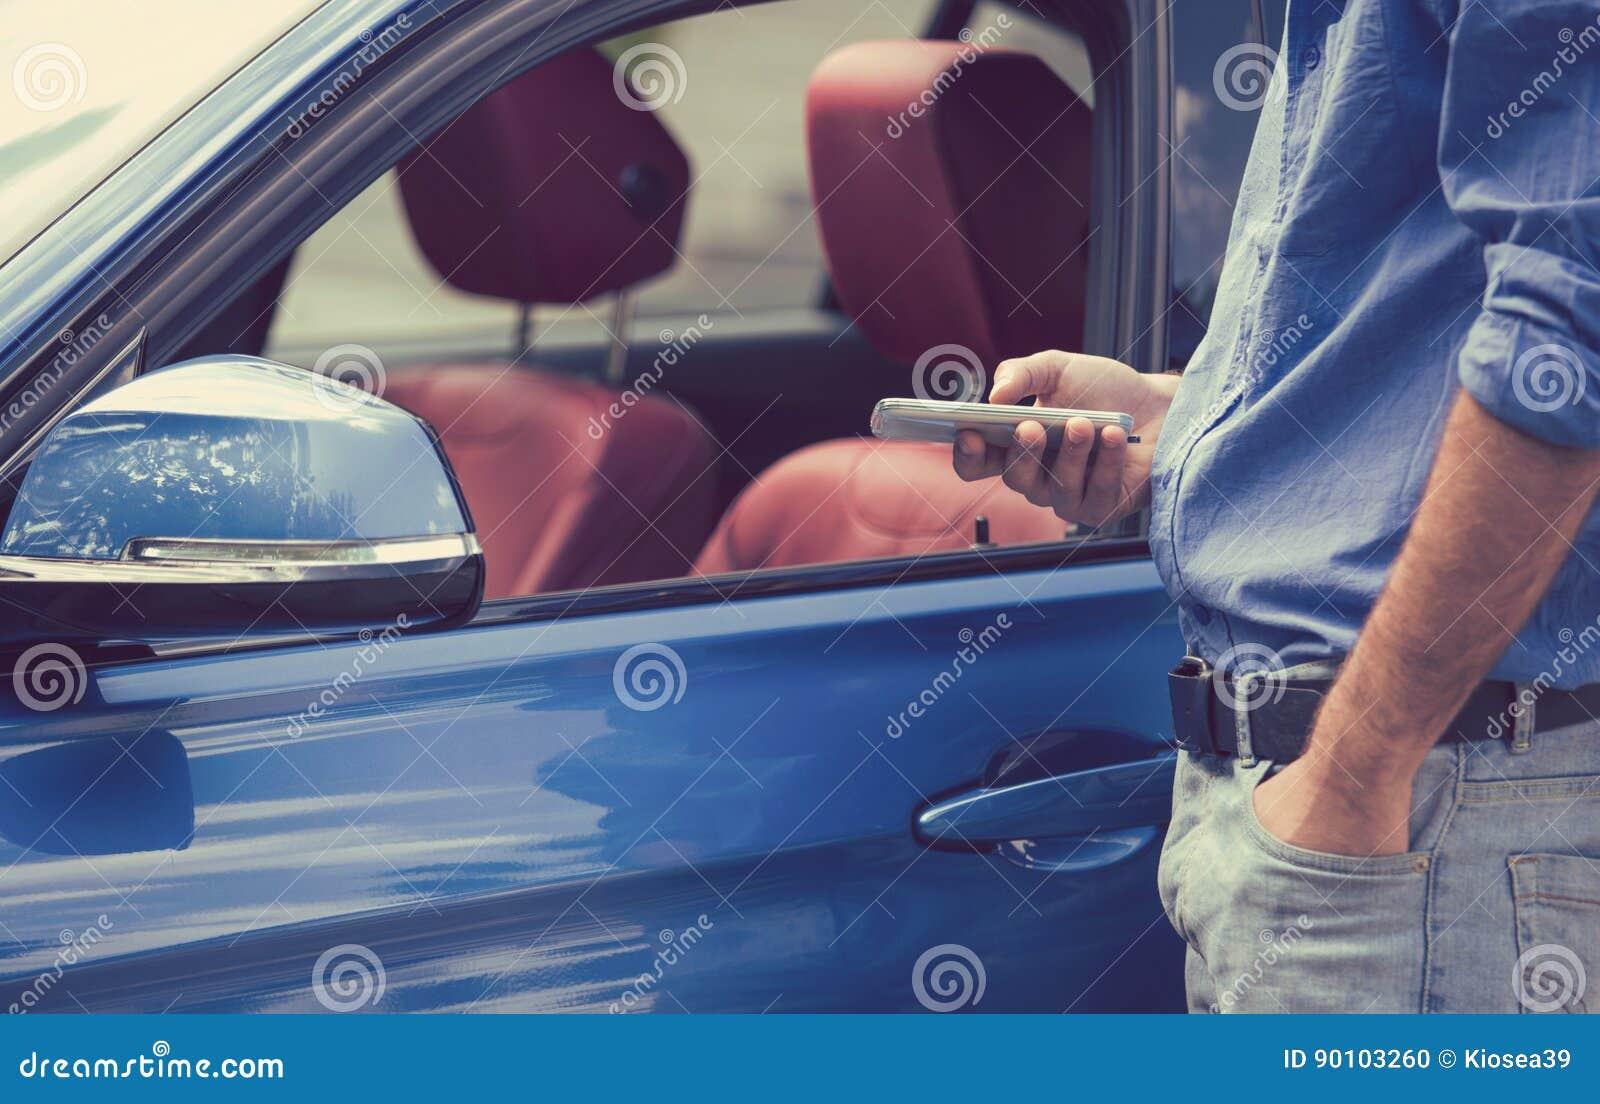 Mobiele telefoon apps voor voertuigeigenaars Mens die slimme telefoon met behulp van om zijn auto te controleren